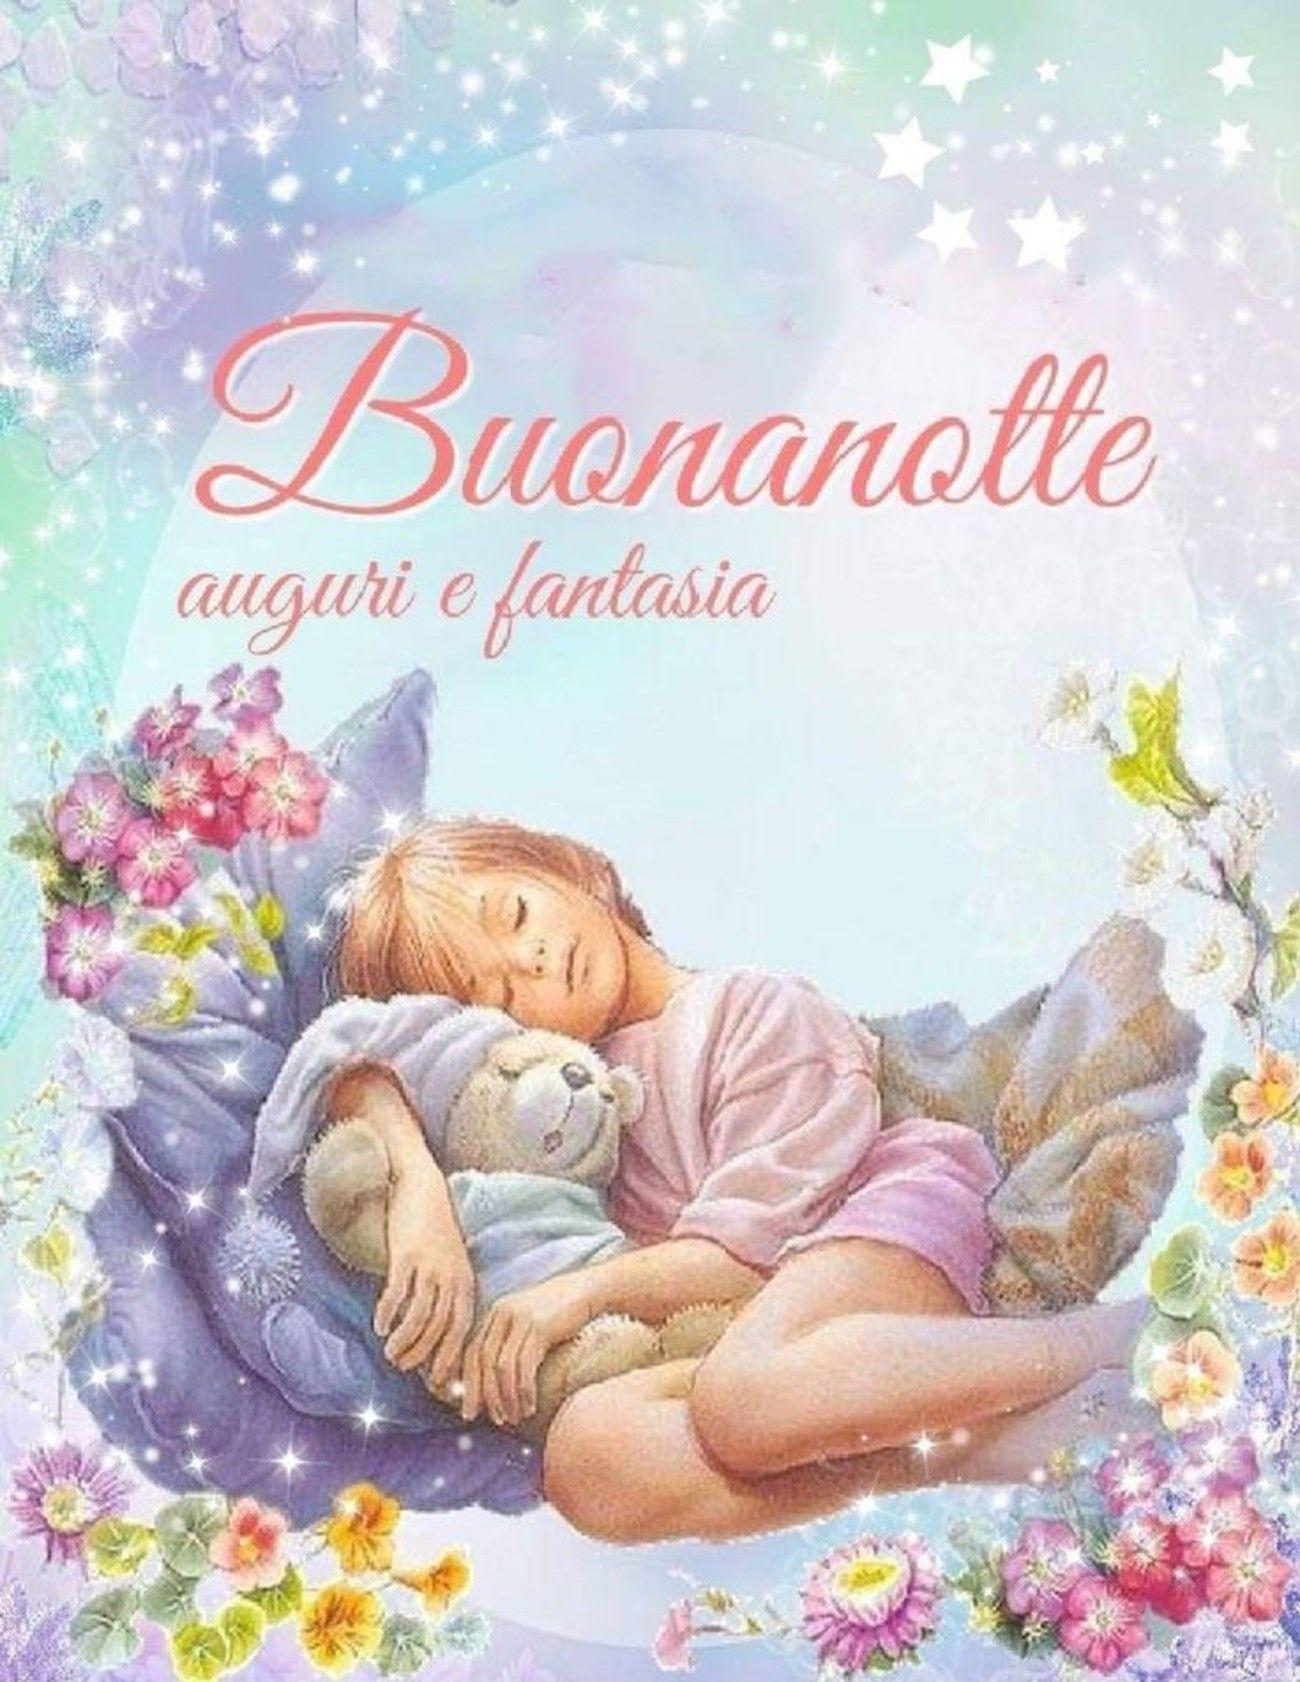 Belle Immagini Buonanotte 21 Buongiornoate It